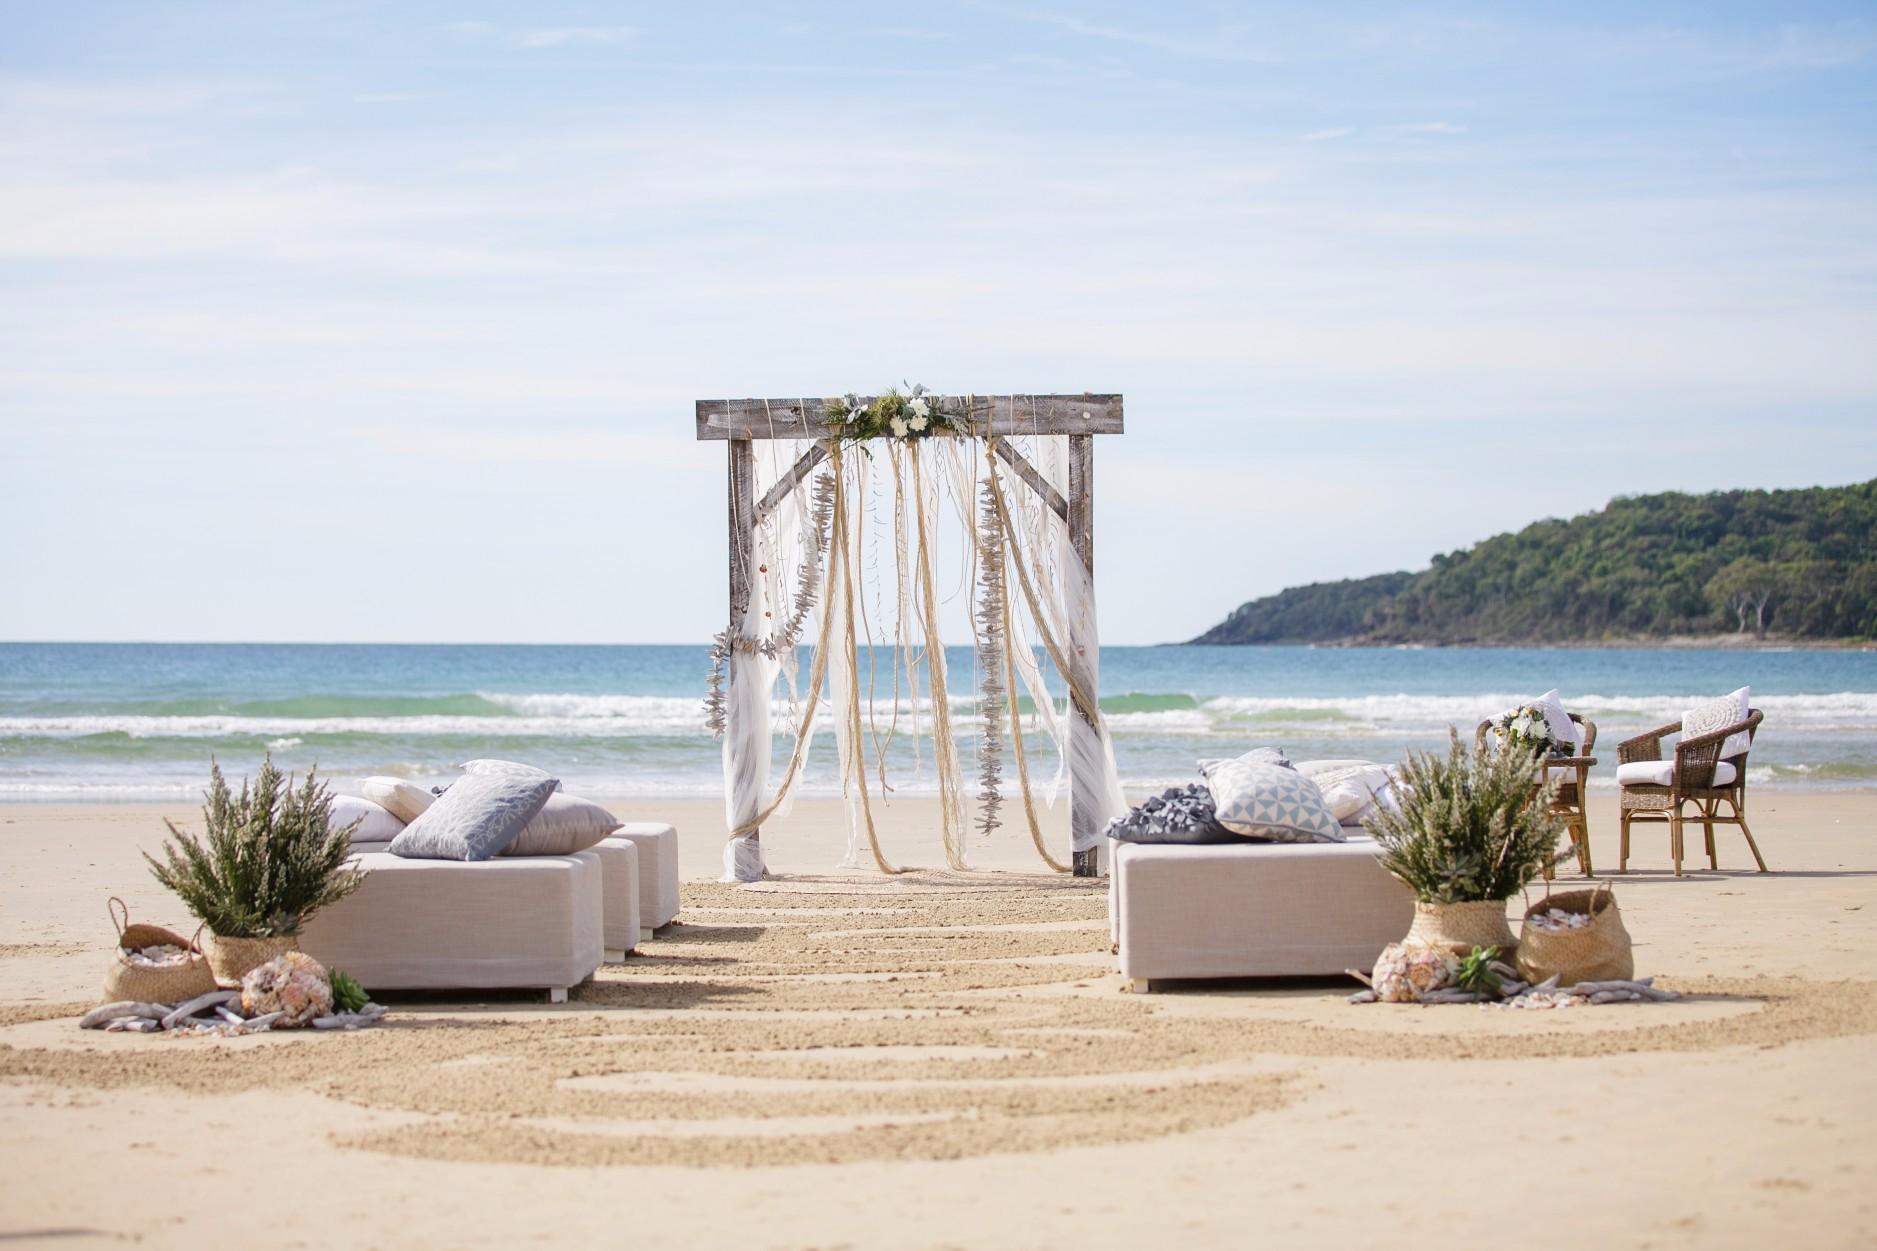 Coastal Drift Ceremony - Splash Events, Noosa & Sunshine Coast